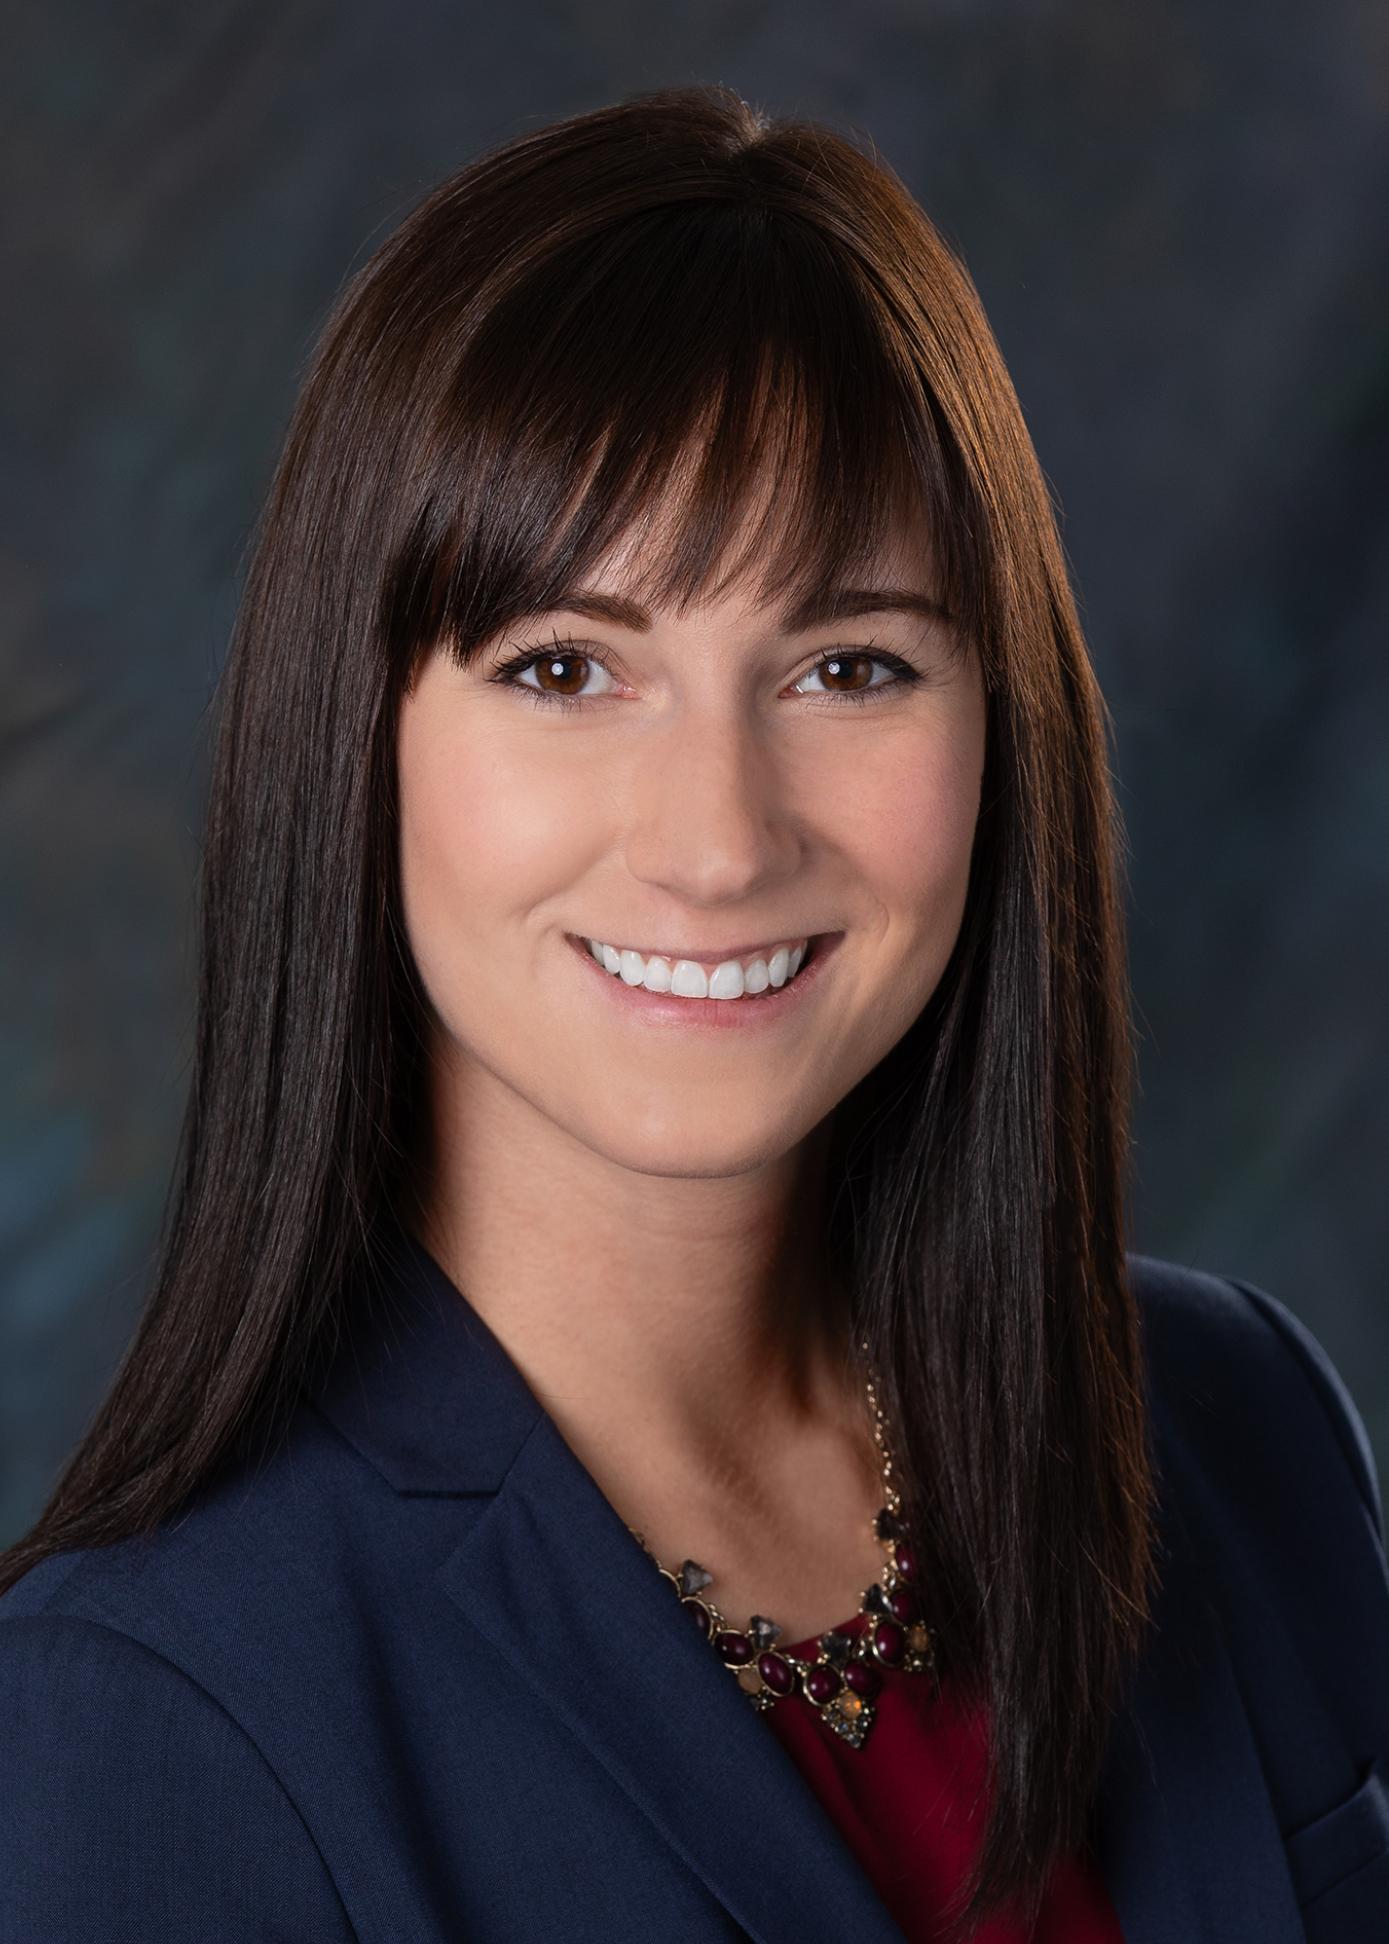 Julie Mikalacki